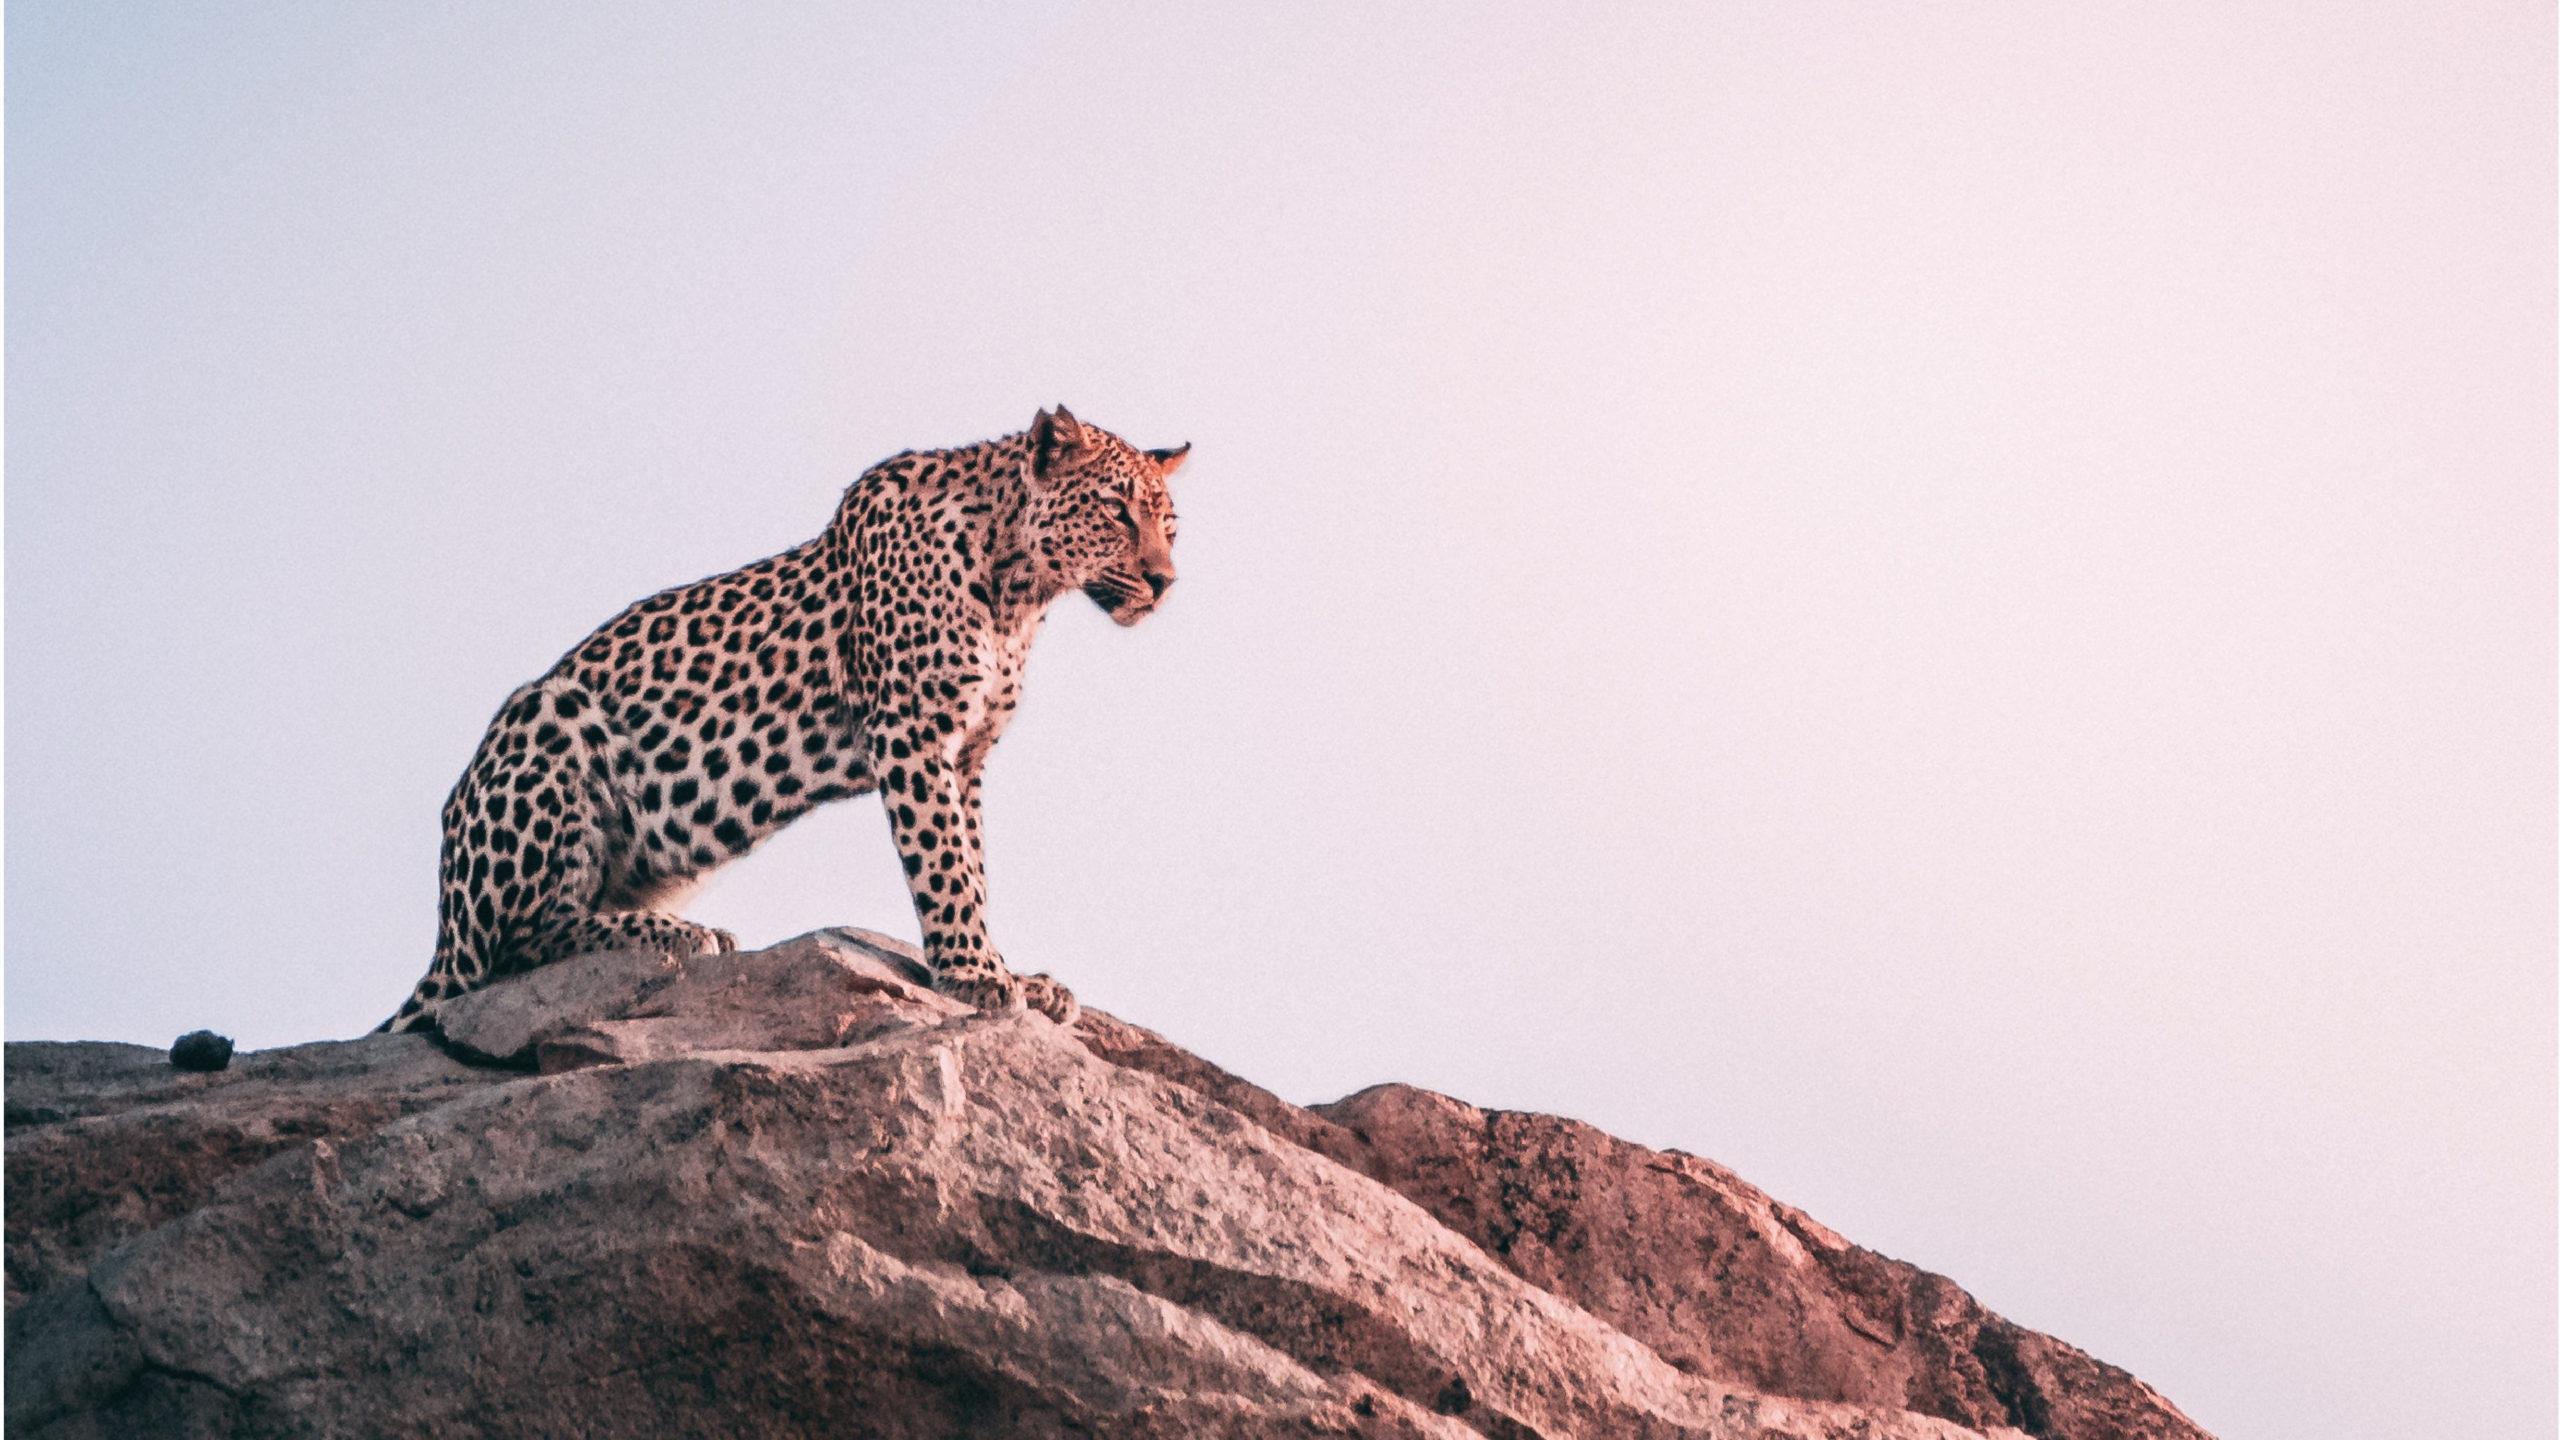 Kenia realizará su primer censo de animales salvajes